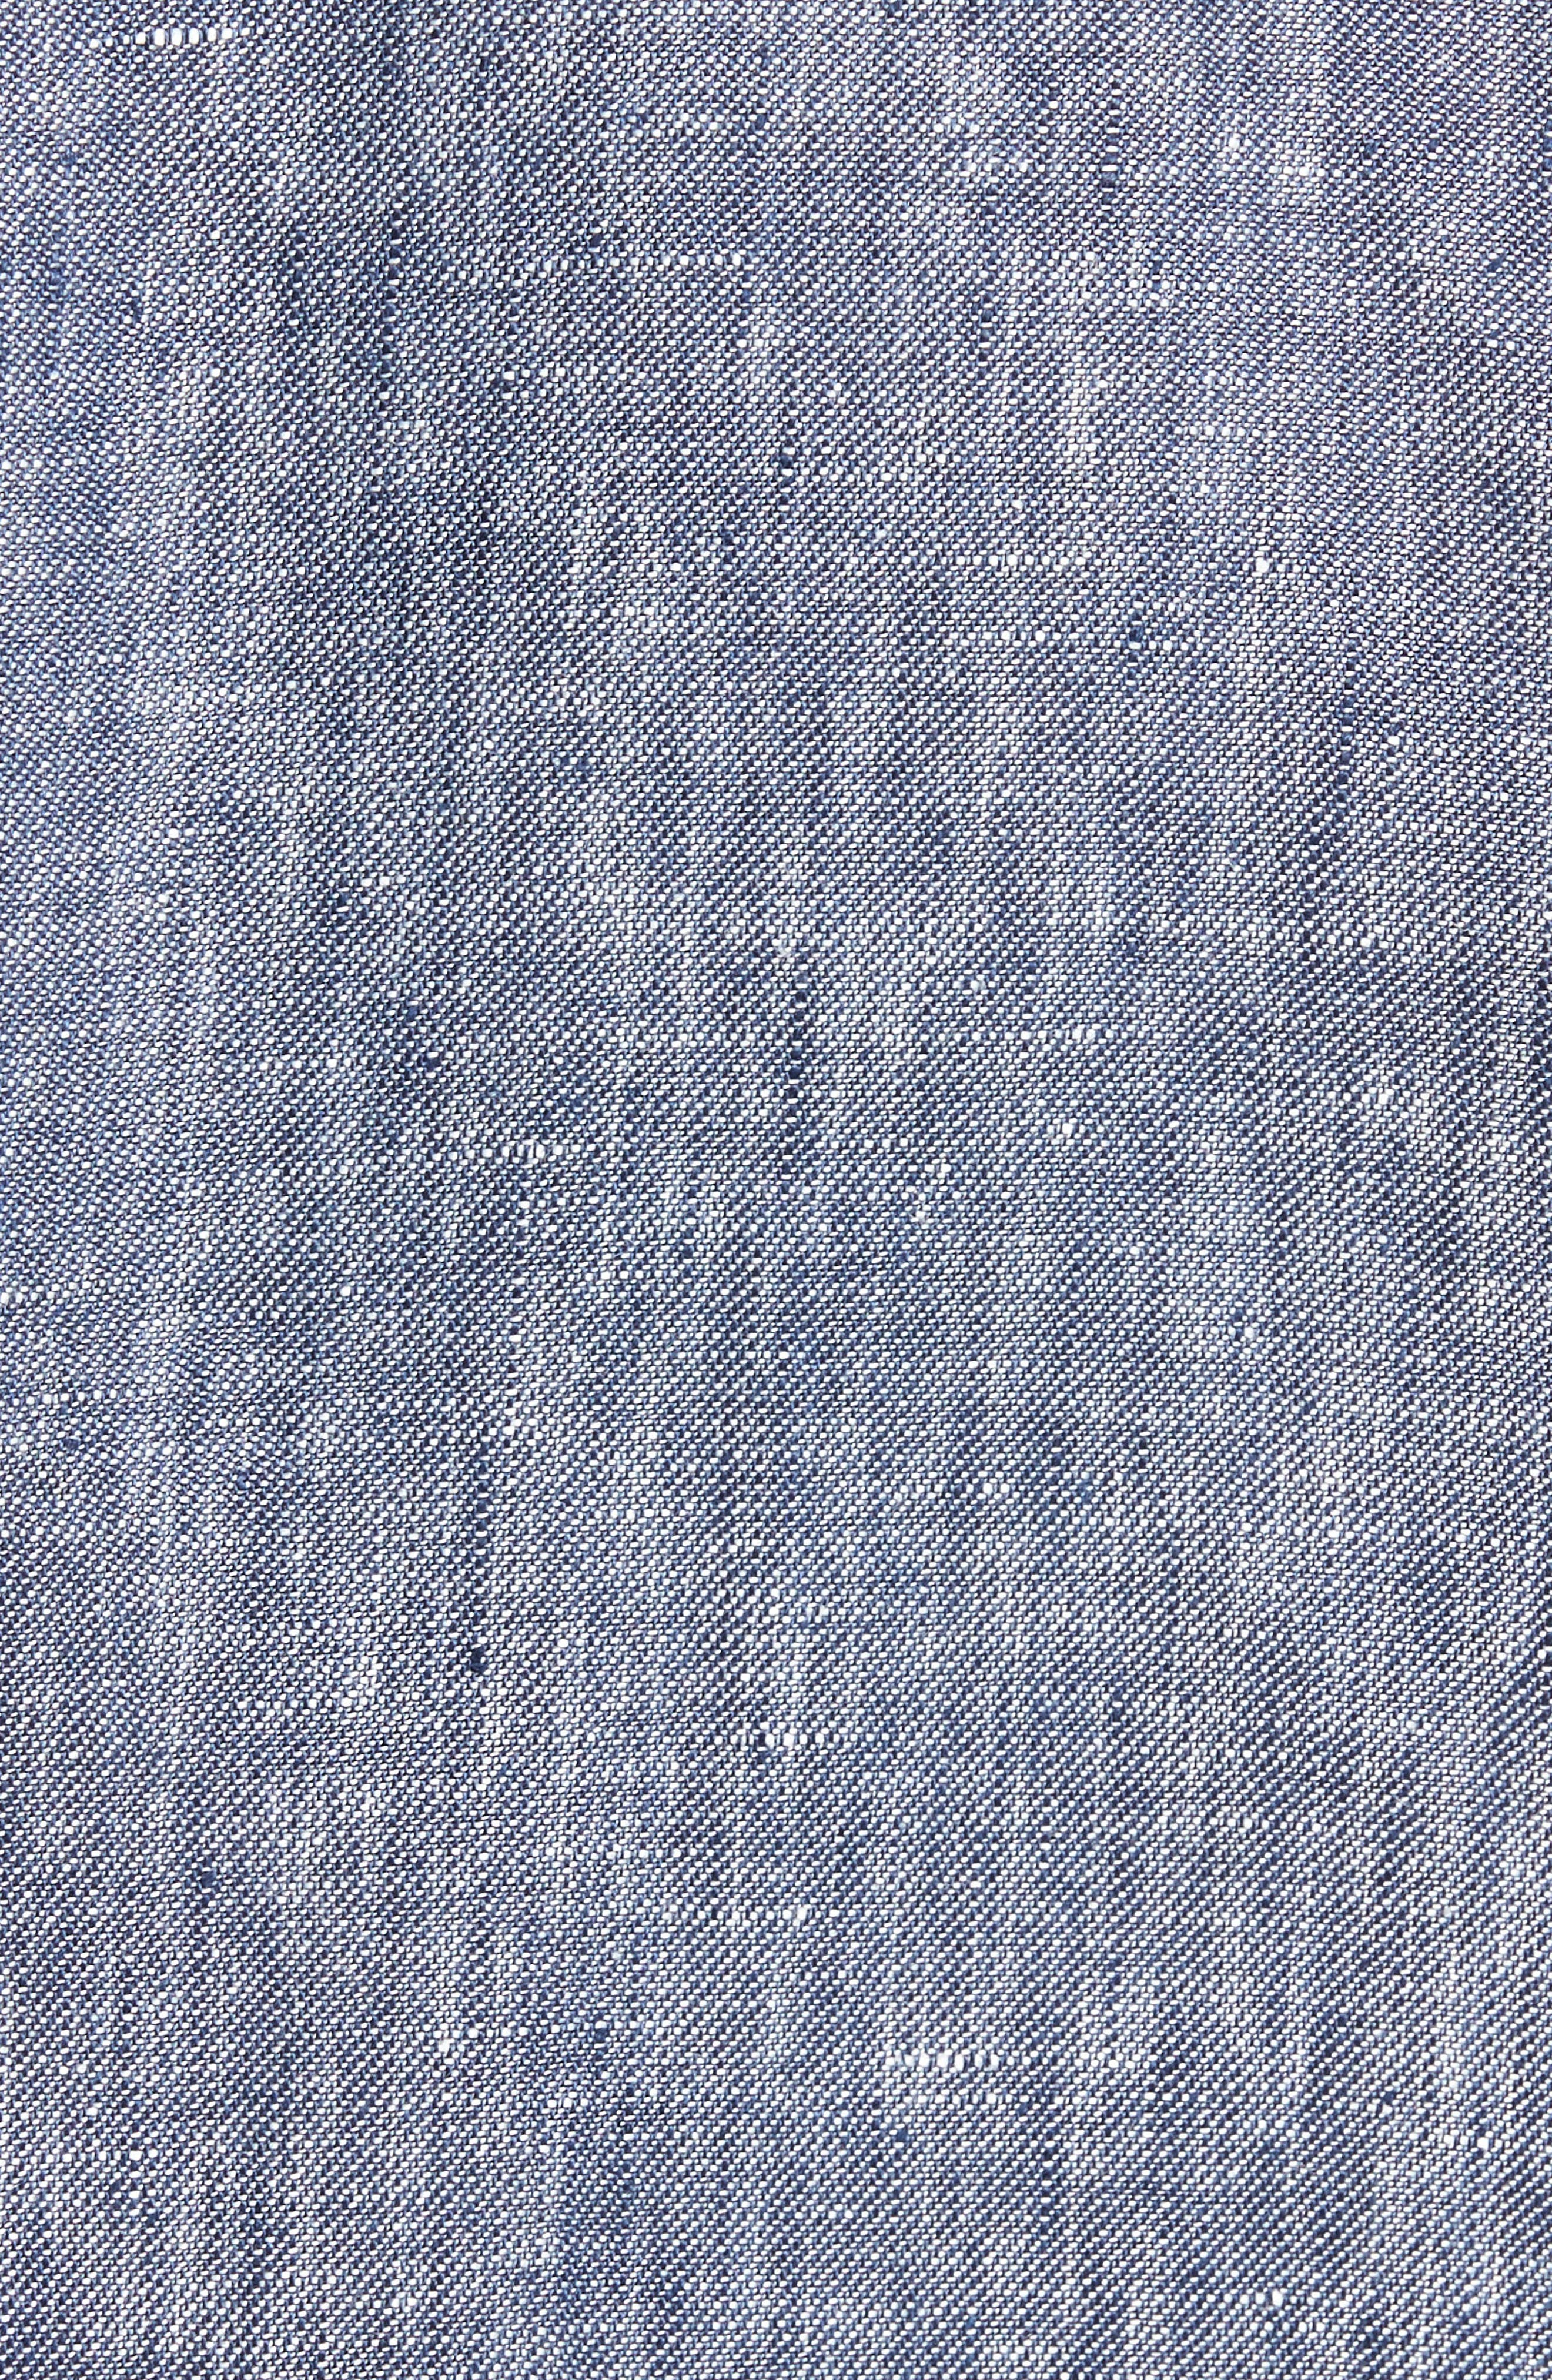 Druces Linen Sport Coat,                             Alternate thumbnail 5, color,                             420